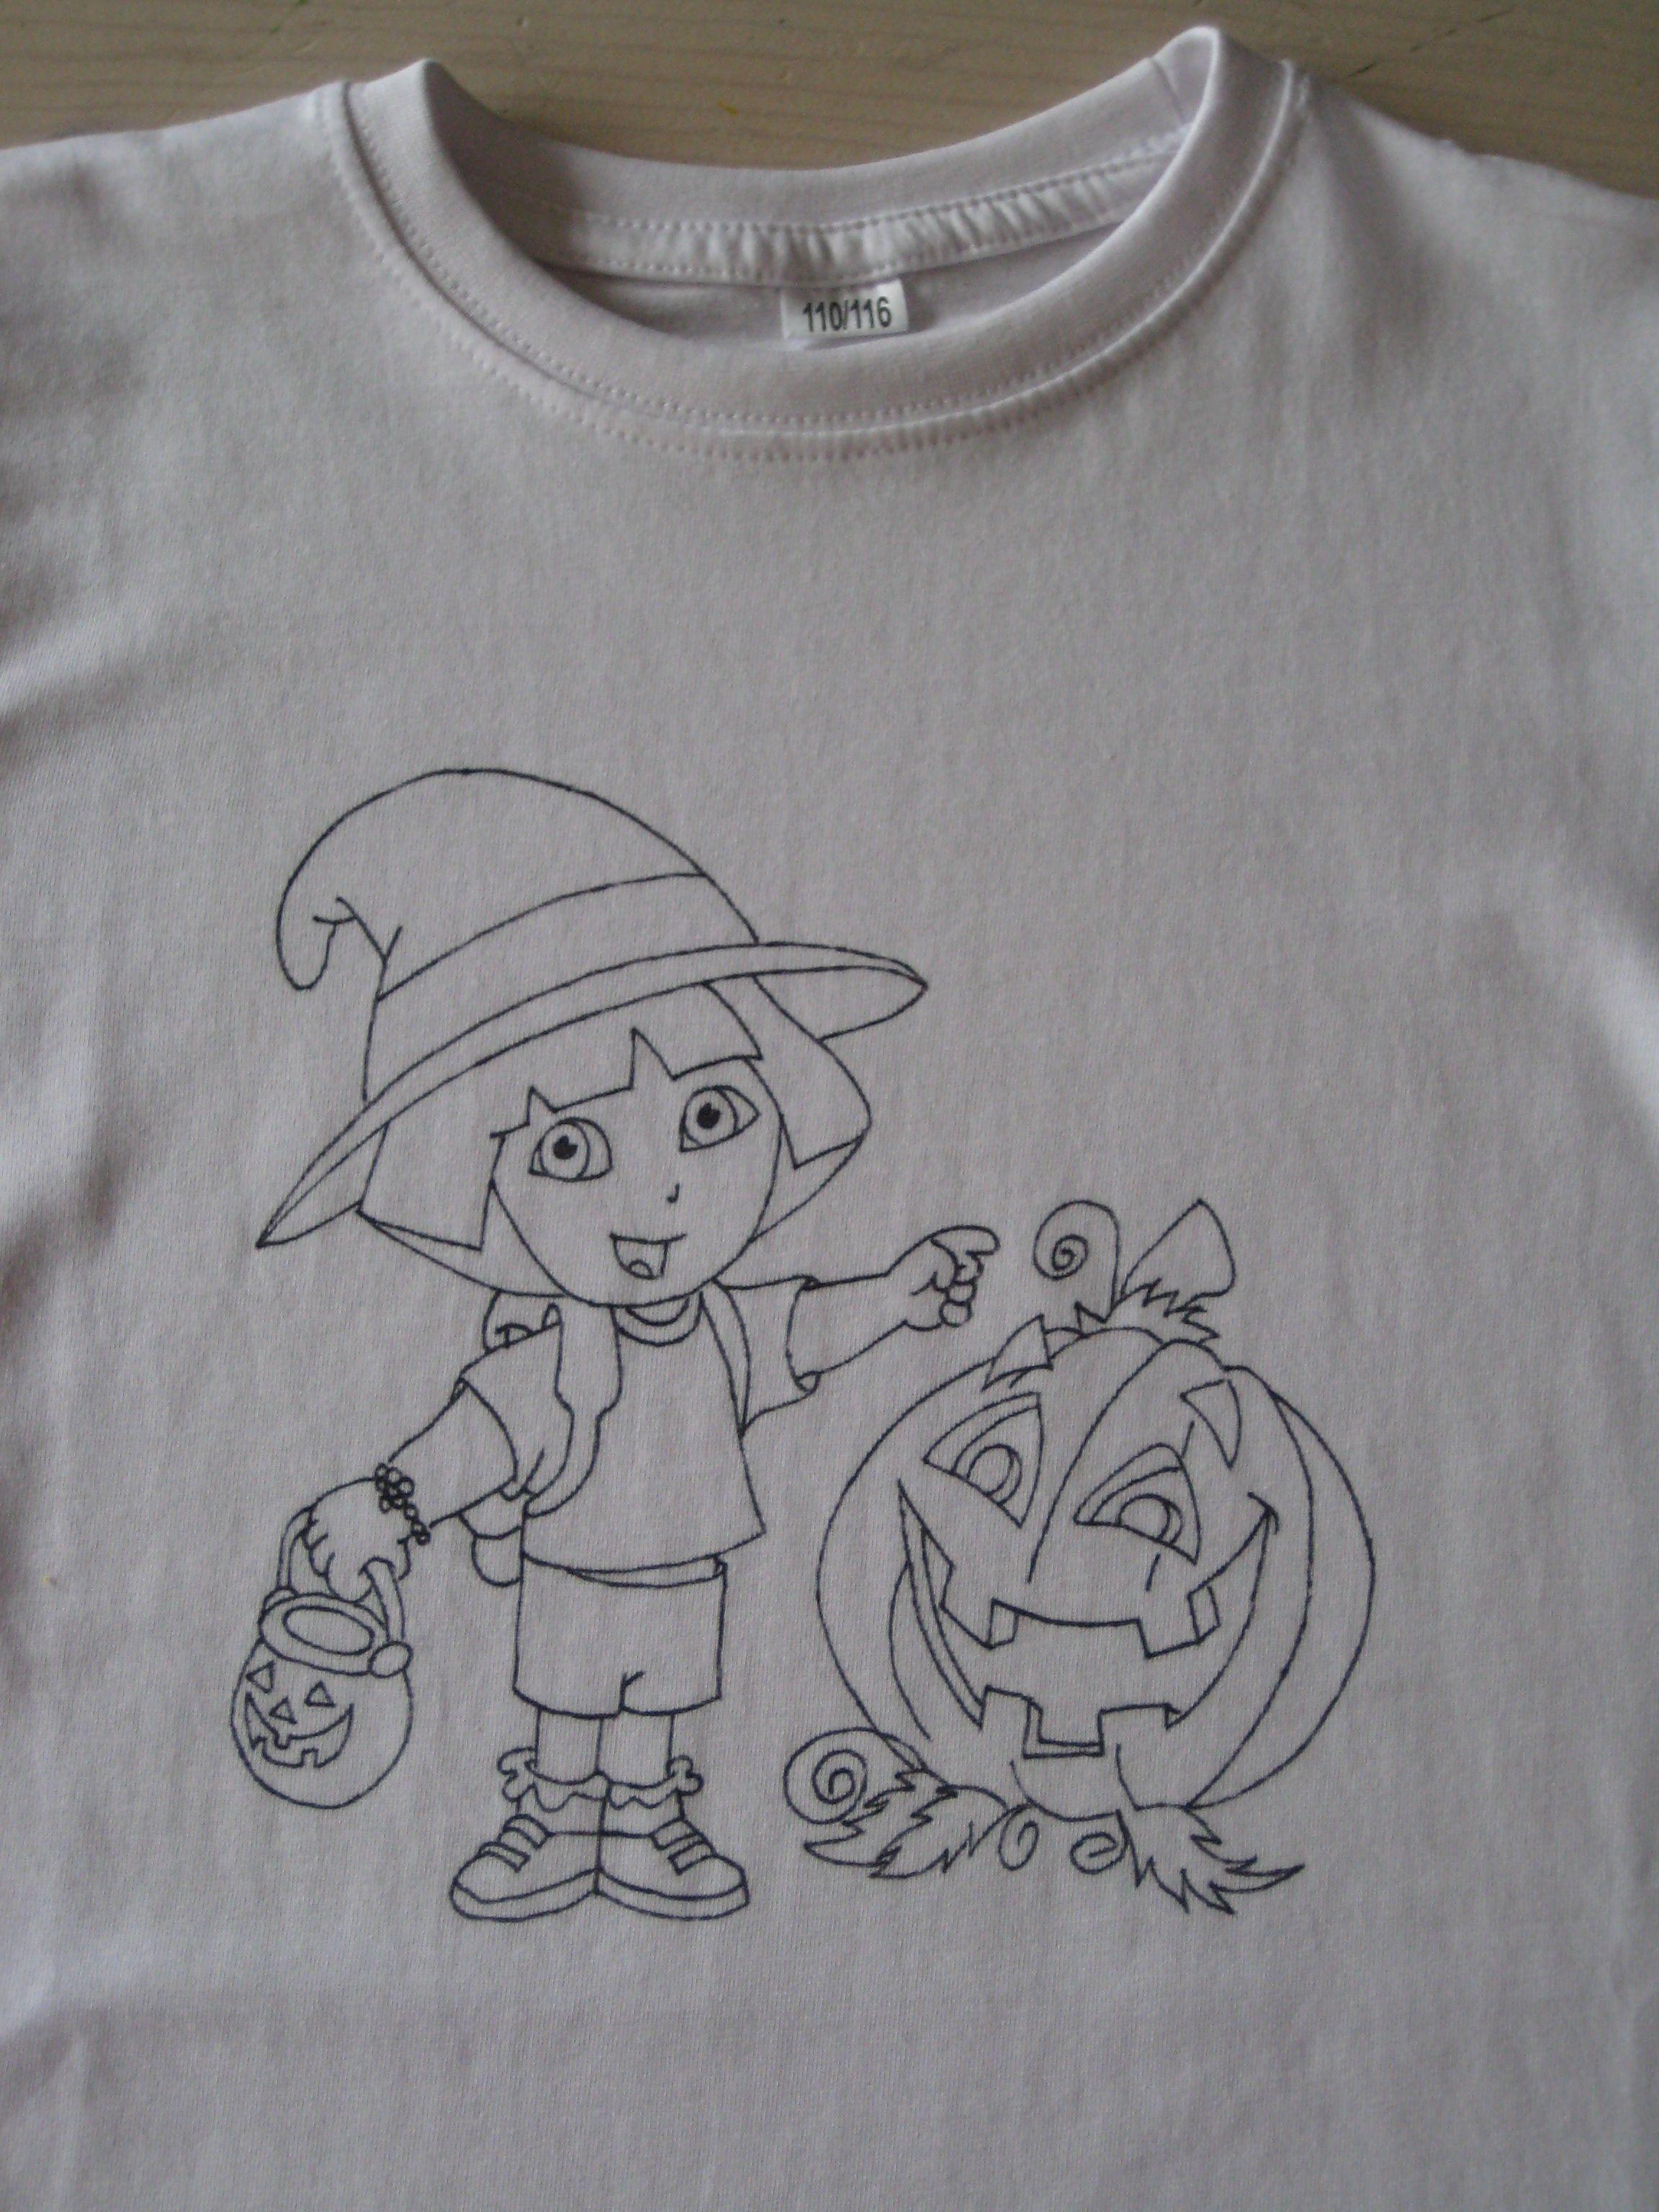 Quatang Gallery- Wit T Shirt Met Handgetekende Kleurplaat Leuk Om In Te Kleuren Met Textielverf Stiften Textielverf Witte T Shirts Kleurplaten